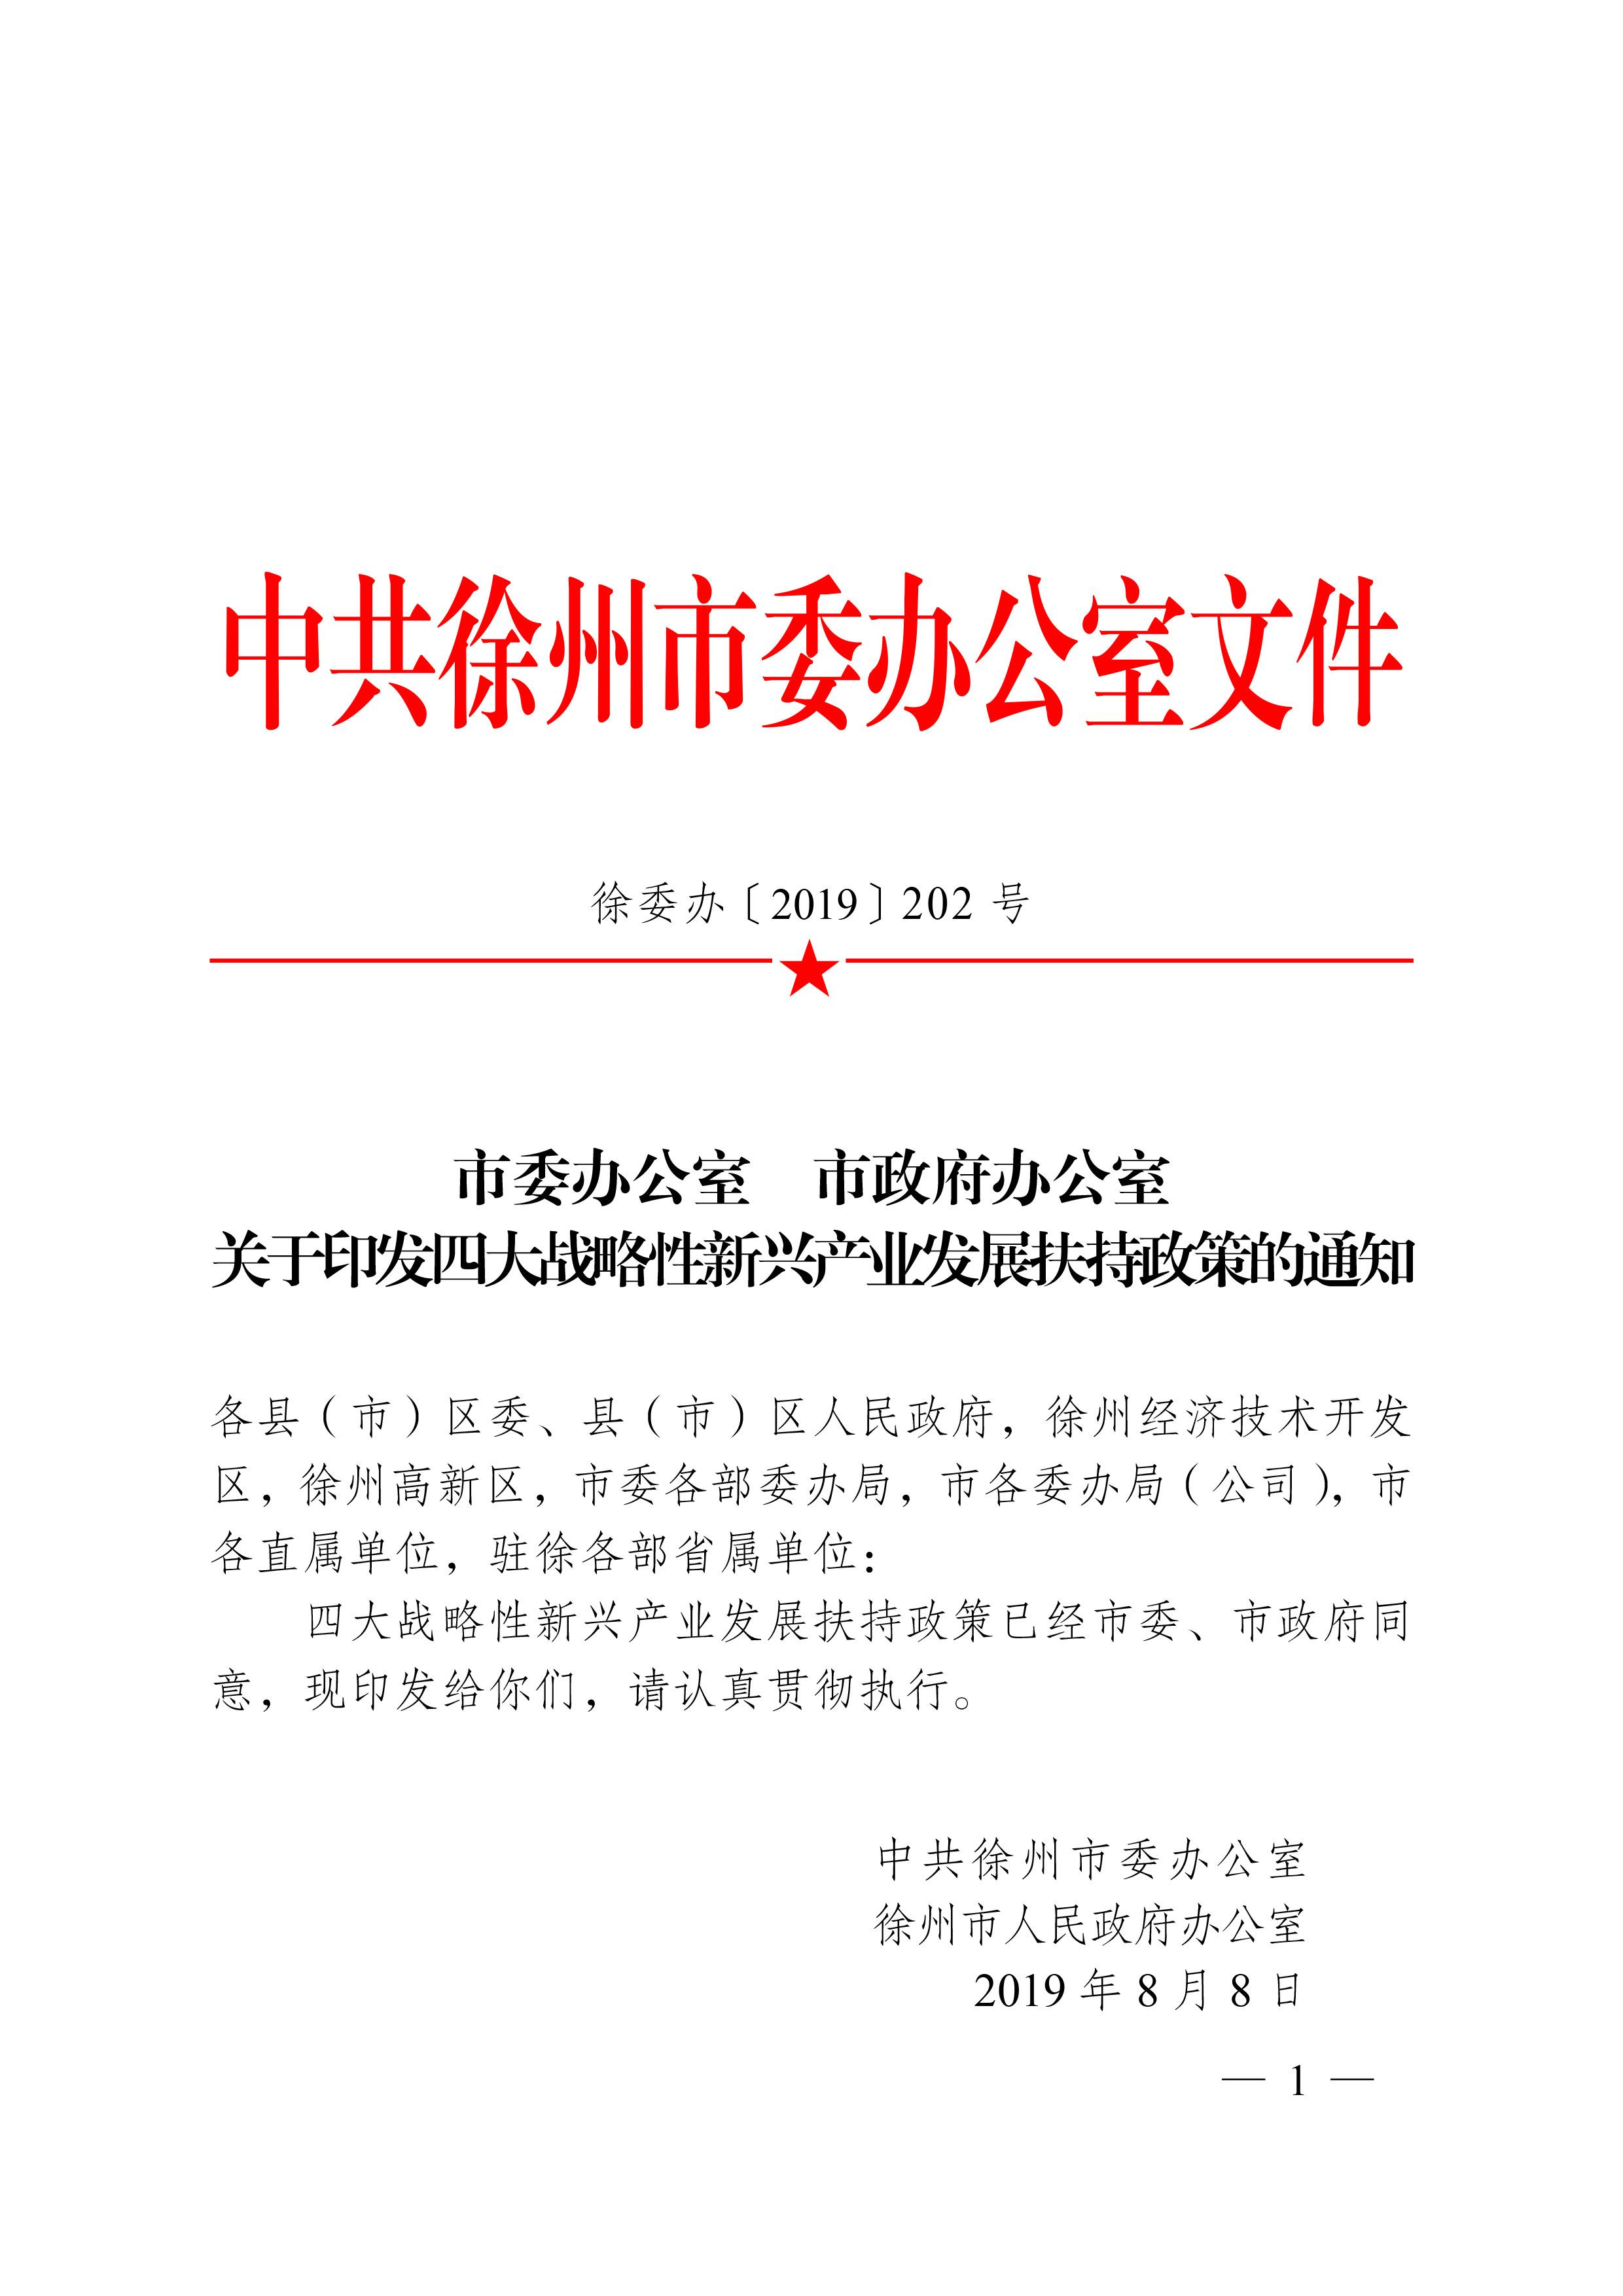 徐州市四大战略性新兴产业发展扶持政策